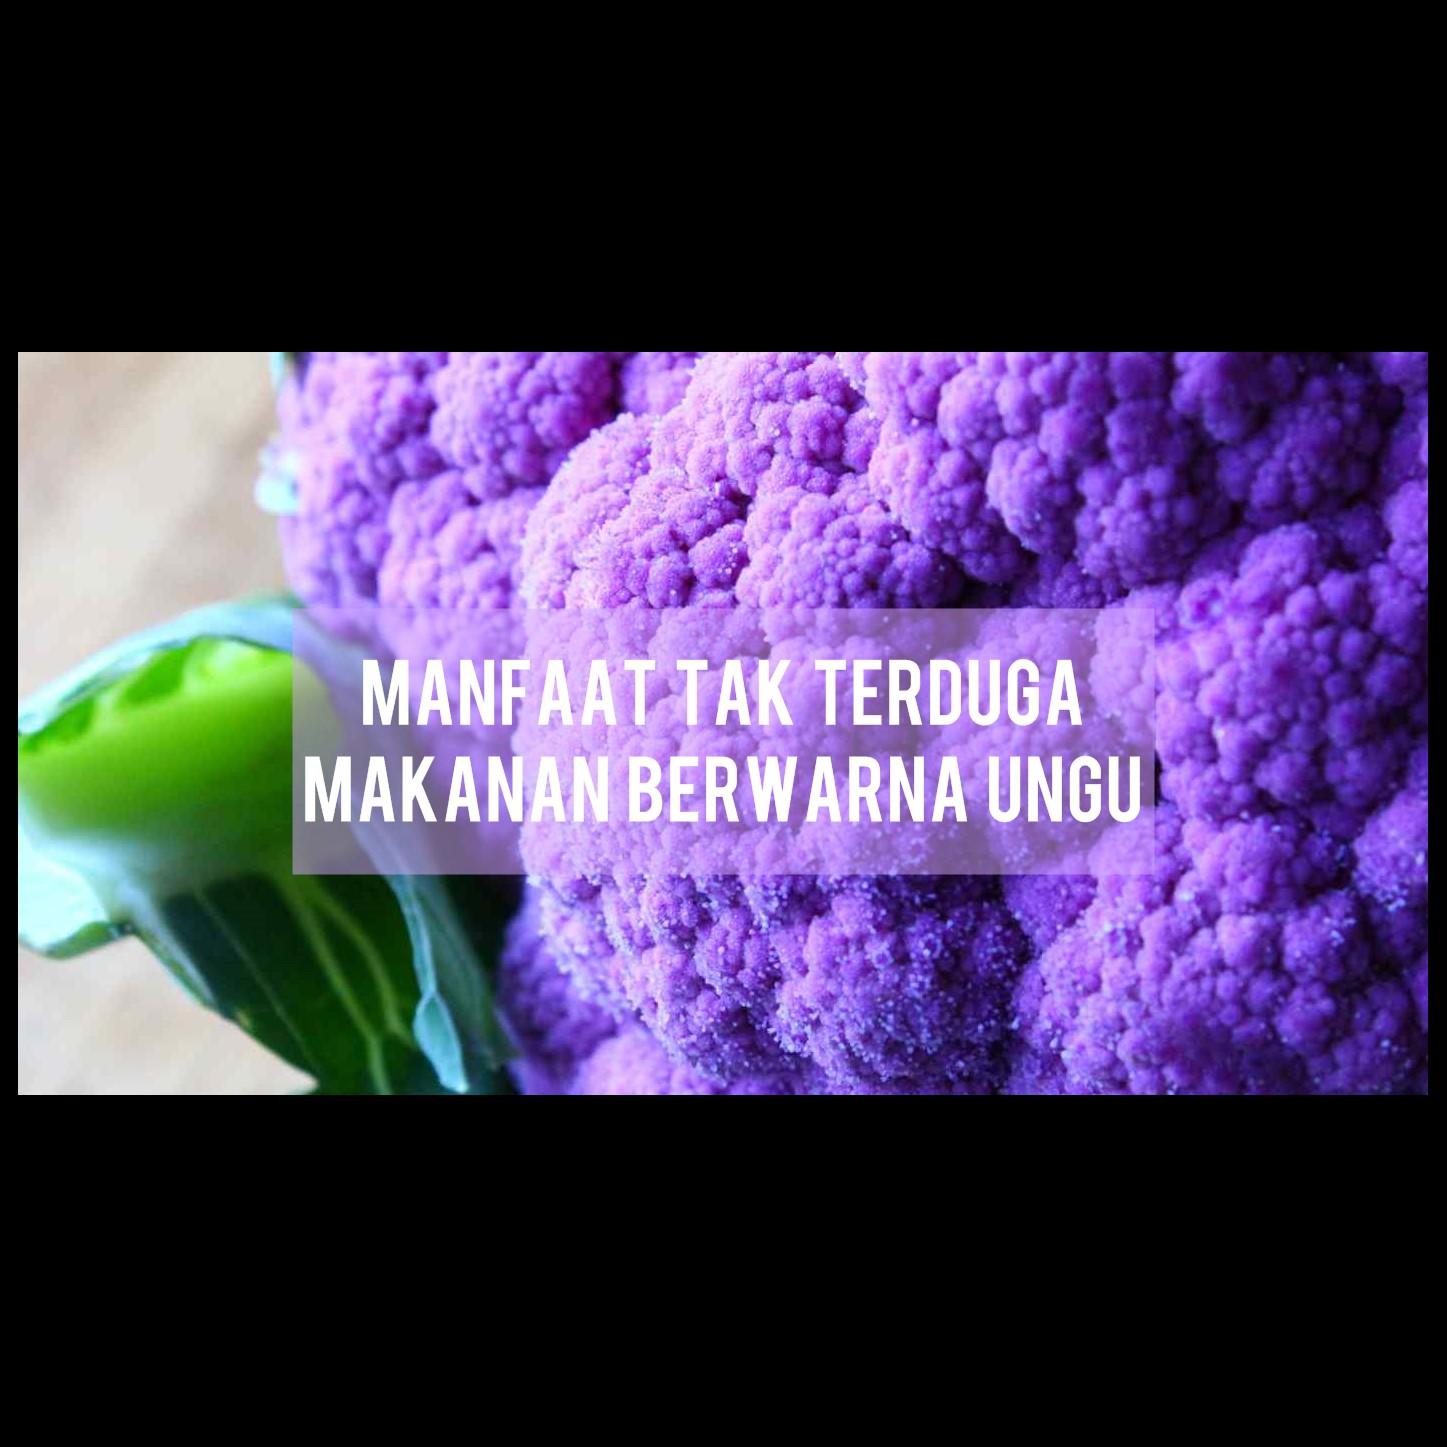 Selain untuk kanker, ini guna tak terduga makanan ungu buat kesehatan